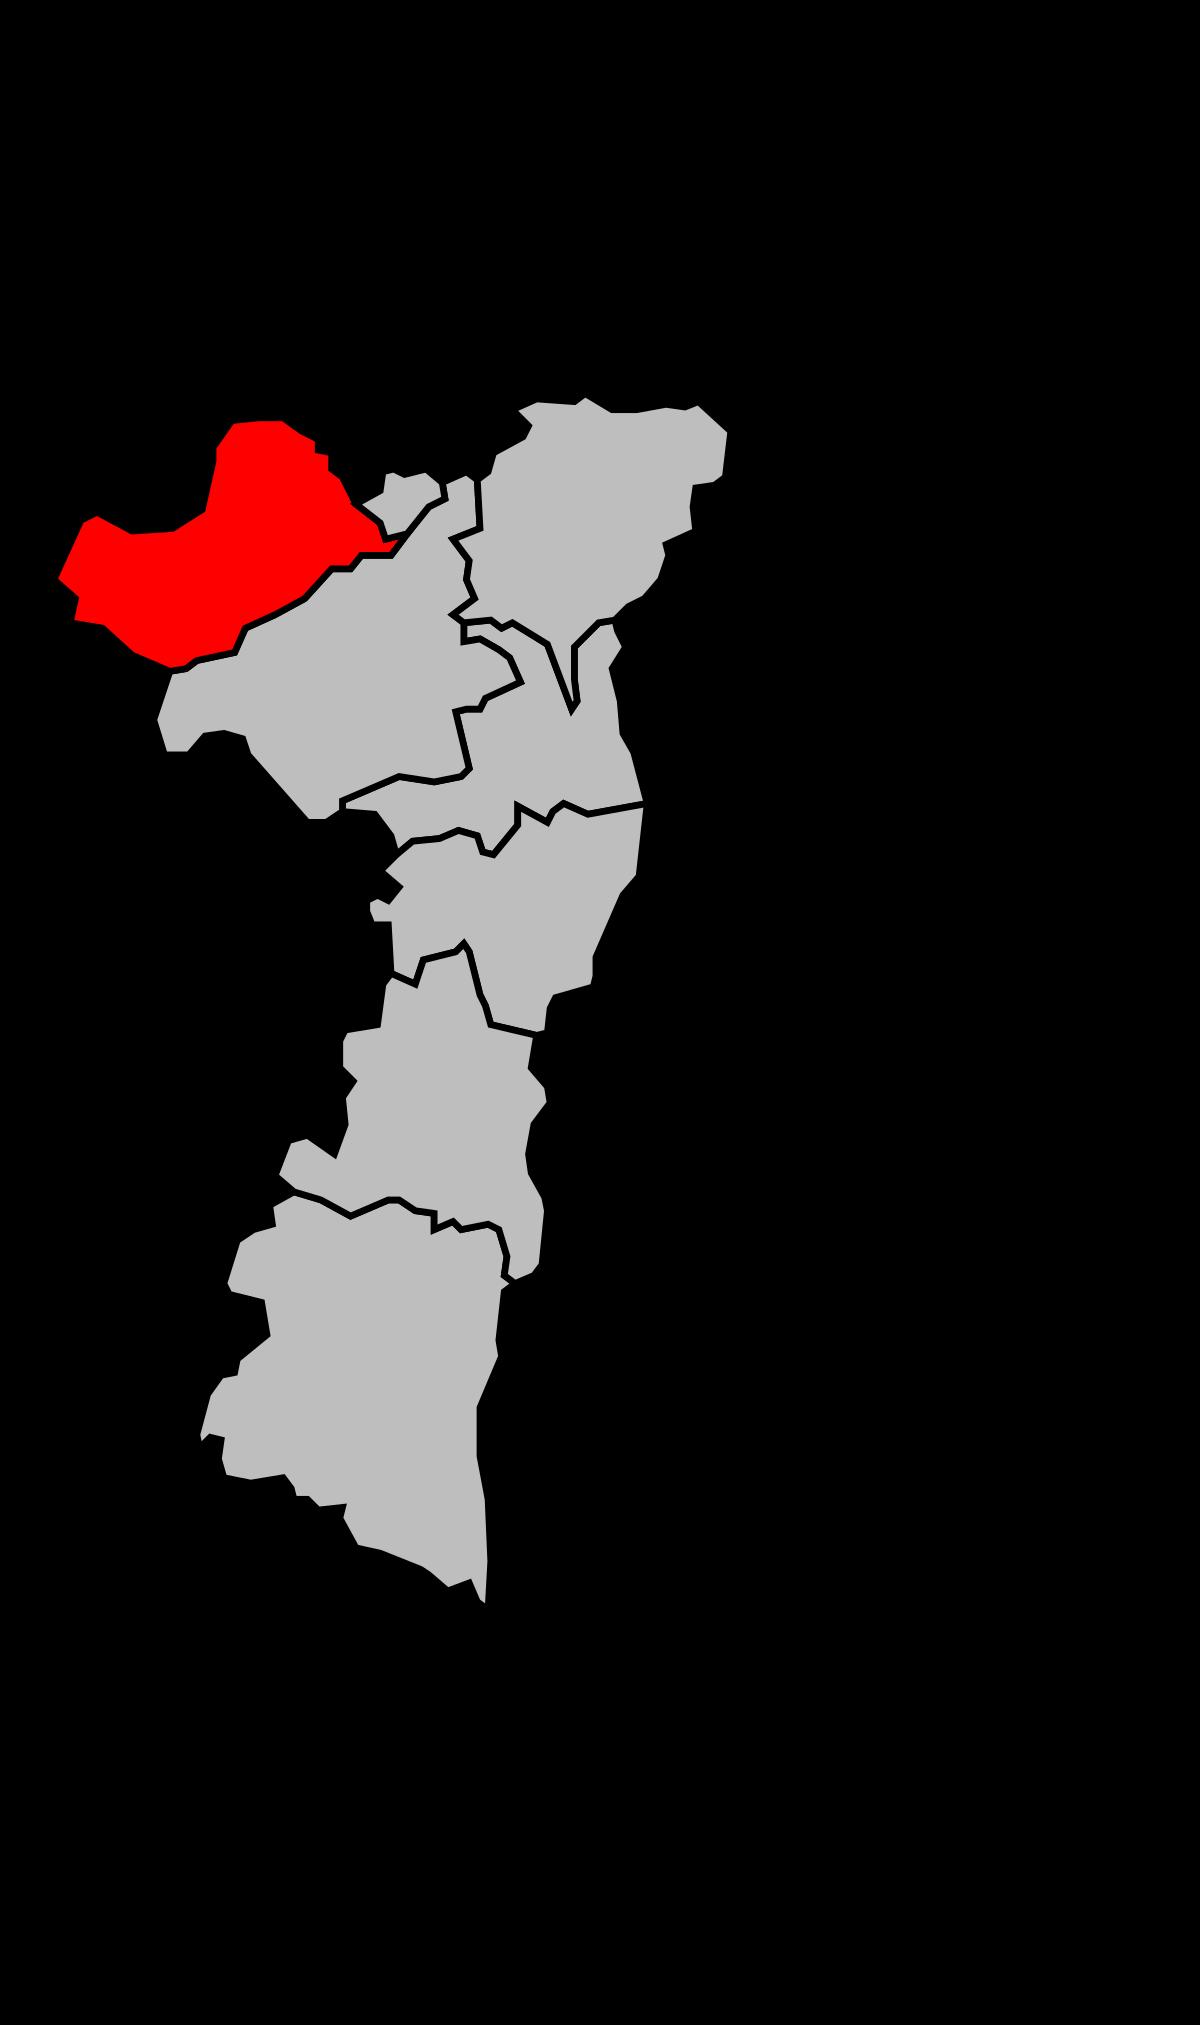 Cantón de Saint.